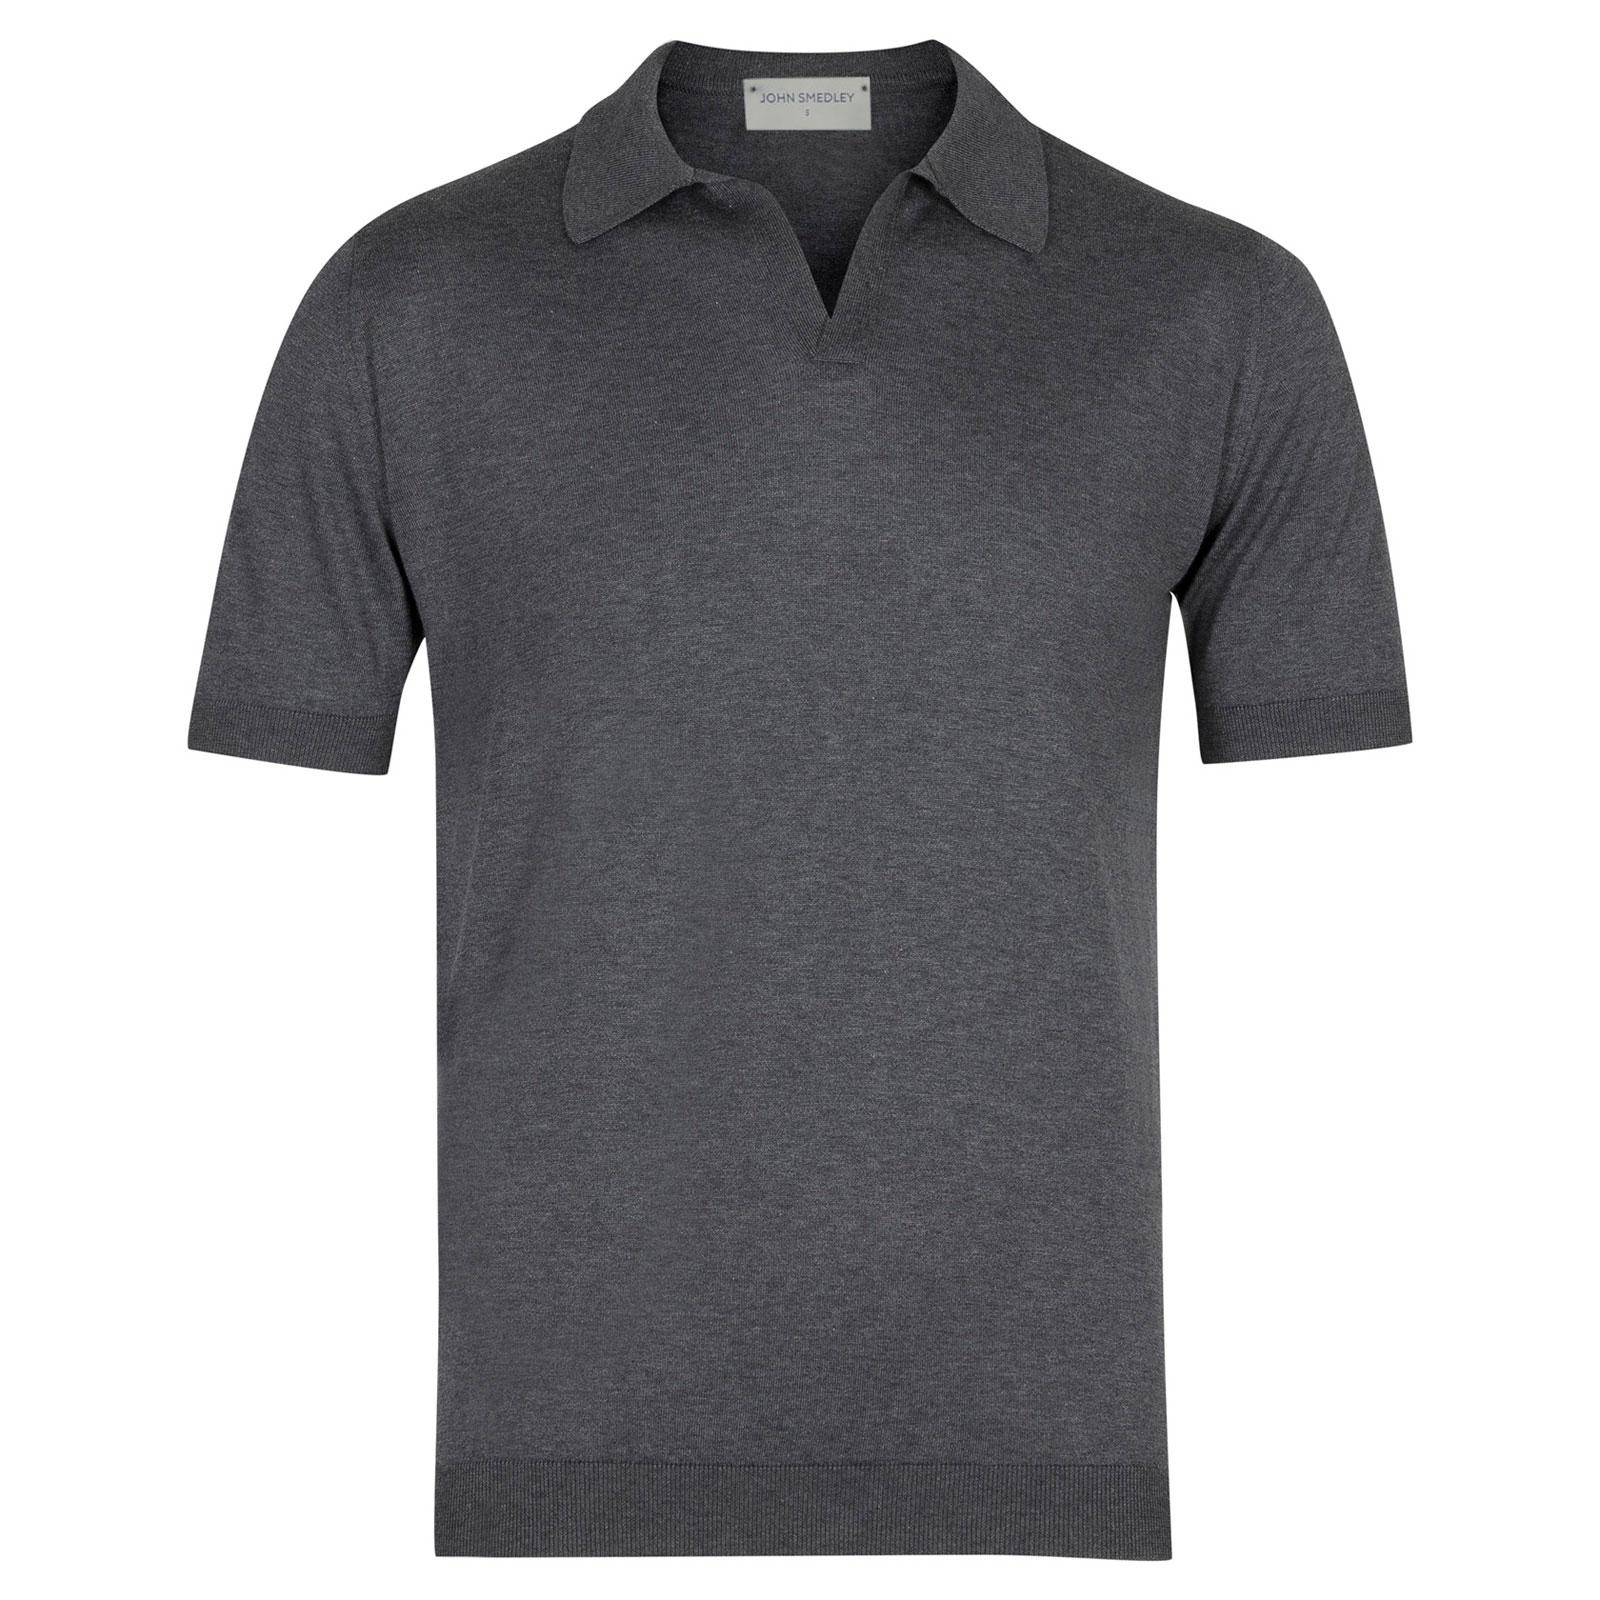 John Smedley Noah Sea Island Cotton Shirt in Charcoal-XXL